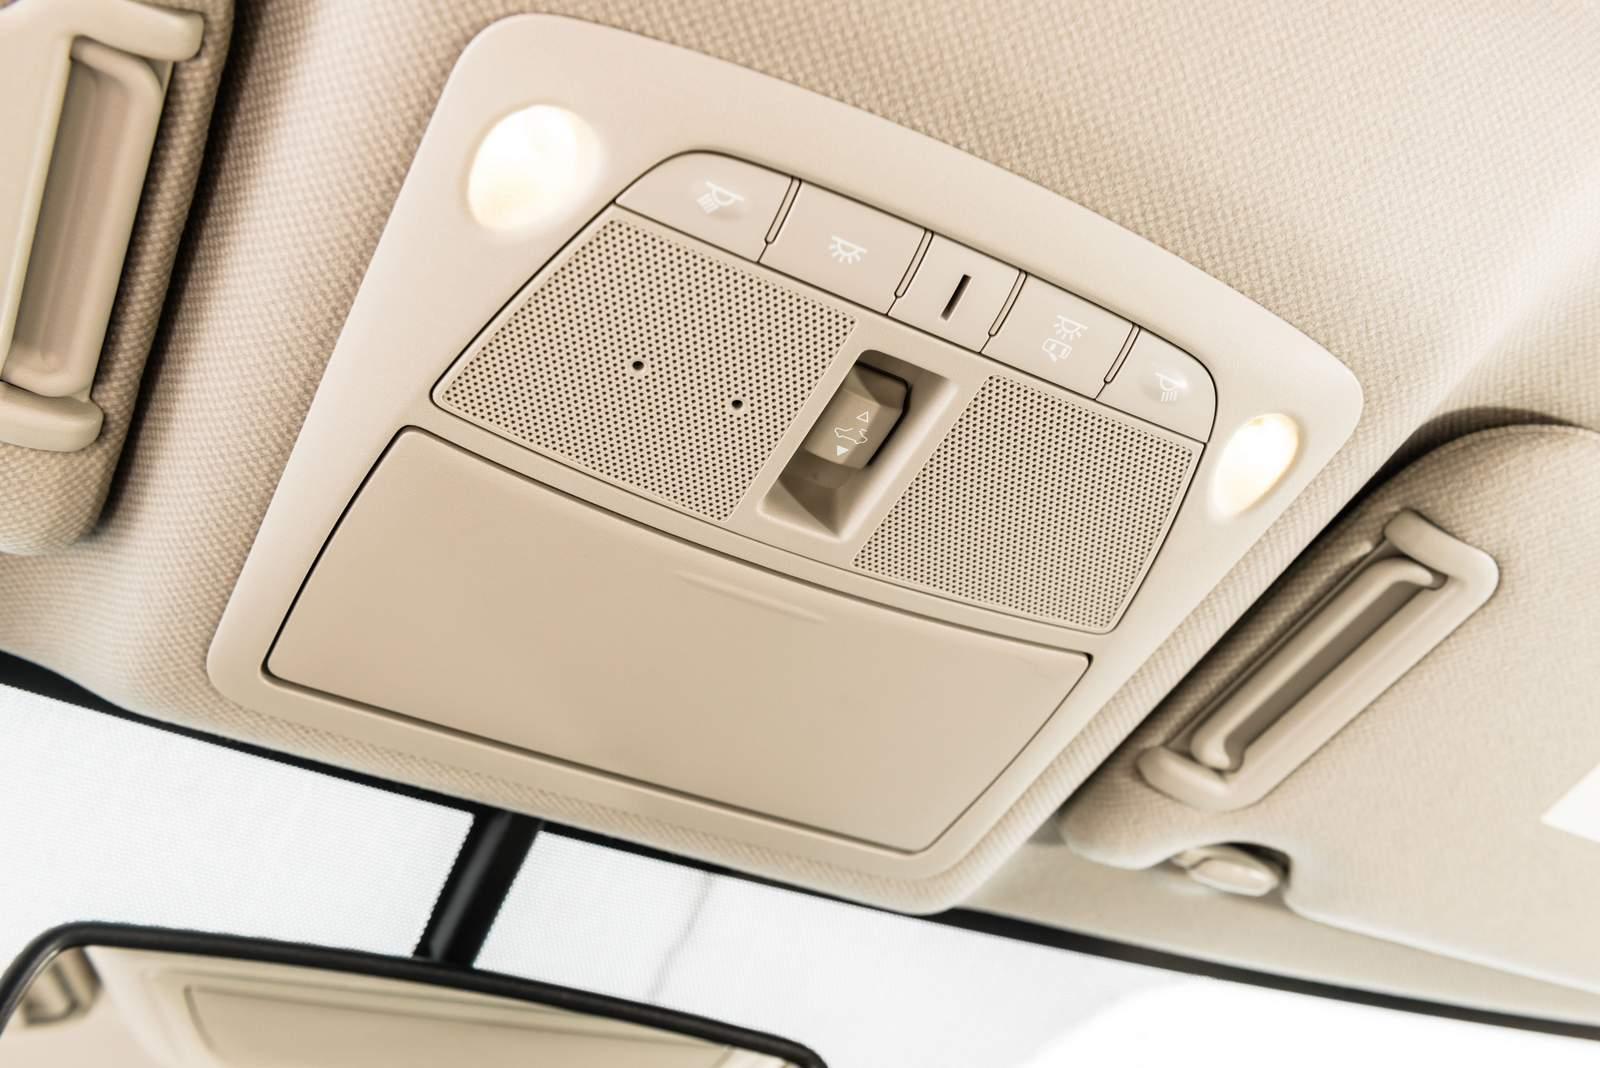 #866A45  2016 Unique: preço consumo e itens de série CAR.BLOG.BR Carros 3536 Alarme Sonoro Para Portas E Janelas Como Instalar